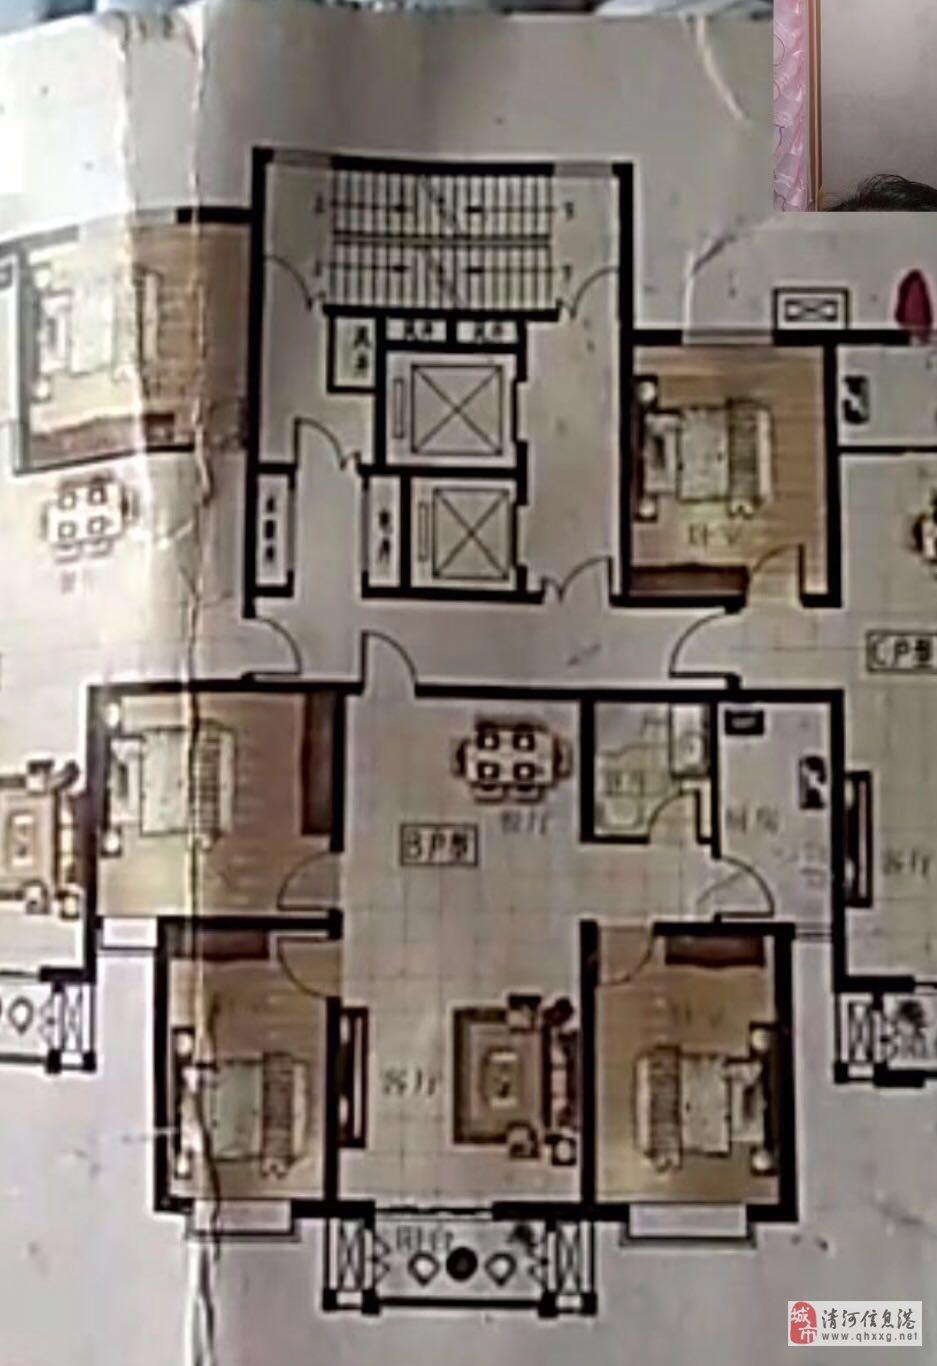 宇联港湾小3室准现房可贷款首付5500一平